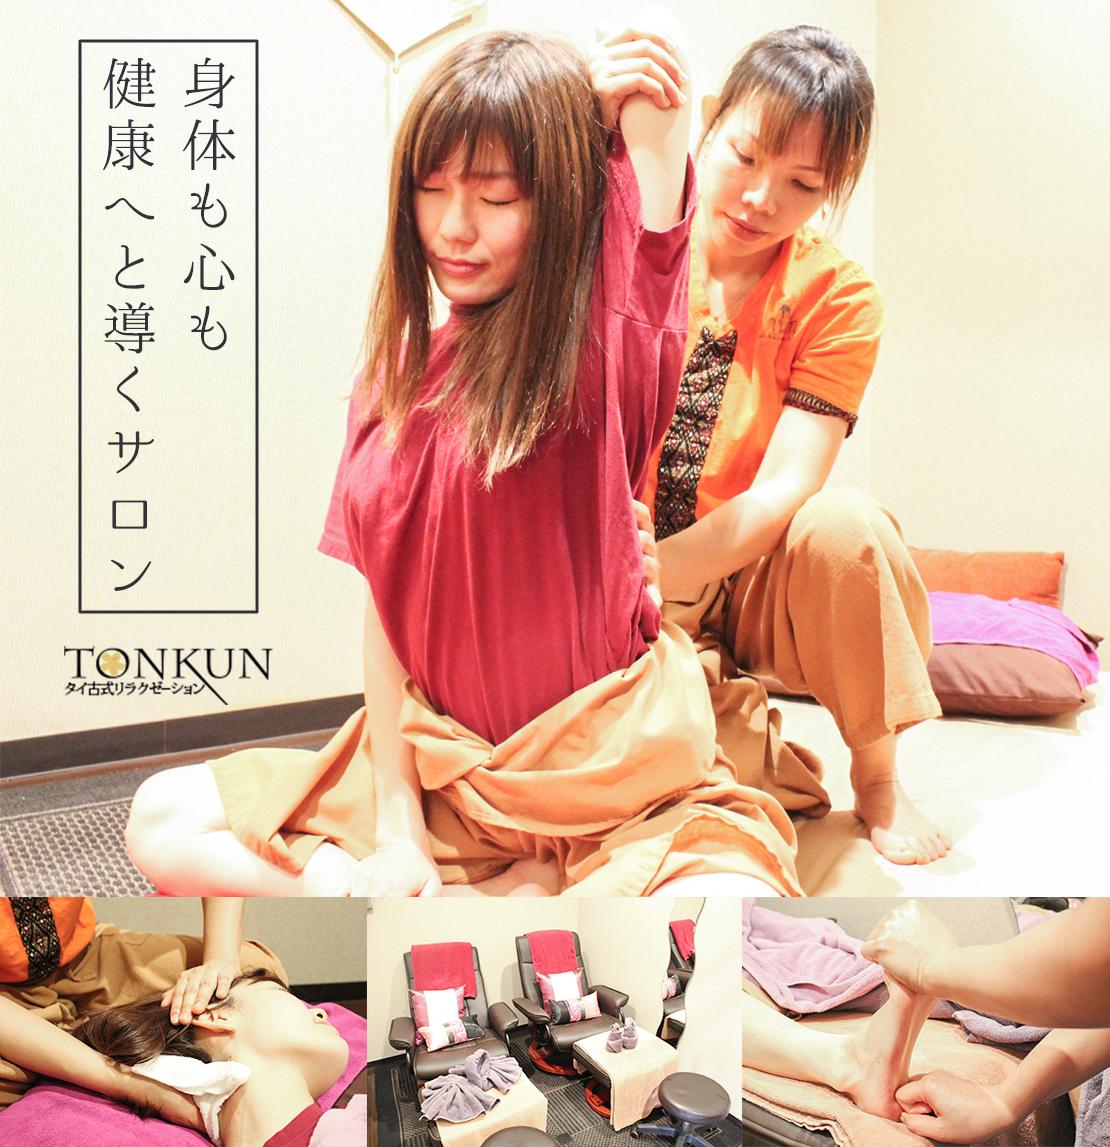 トンクン 川崎店(TONKUN)のメイン画像